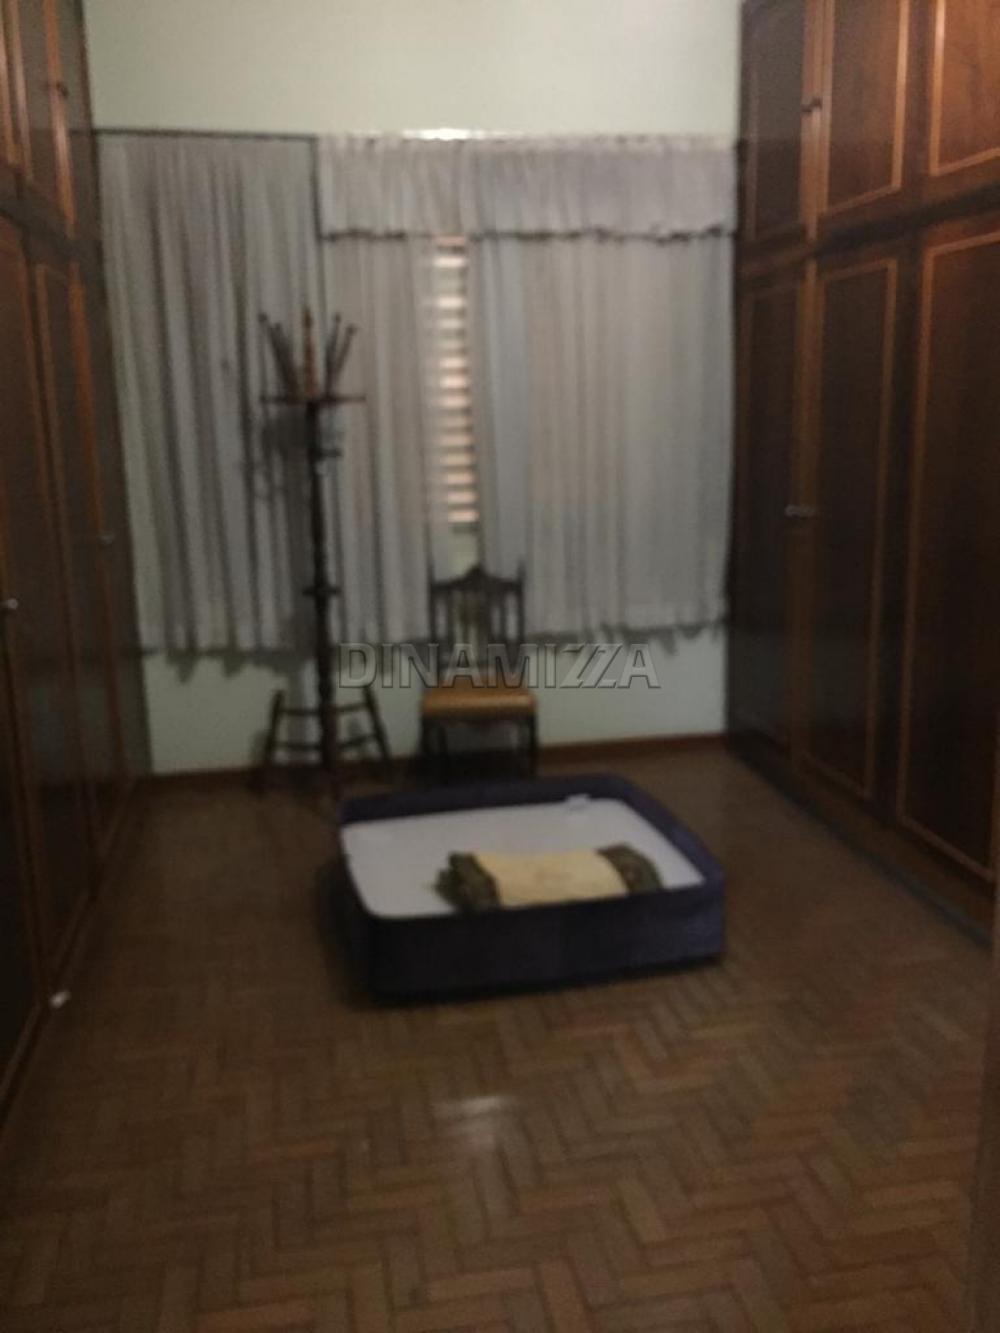 Comprar Casa / Padrão em Uberaba R$ 1.200.000,00 - Foto 5